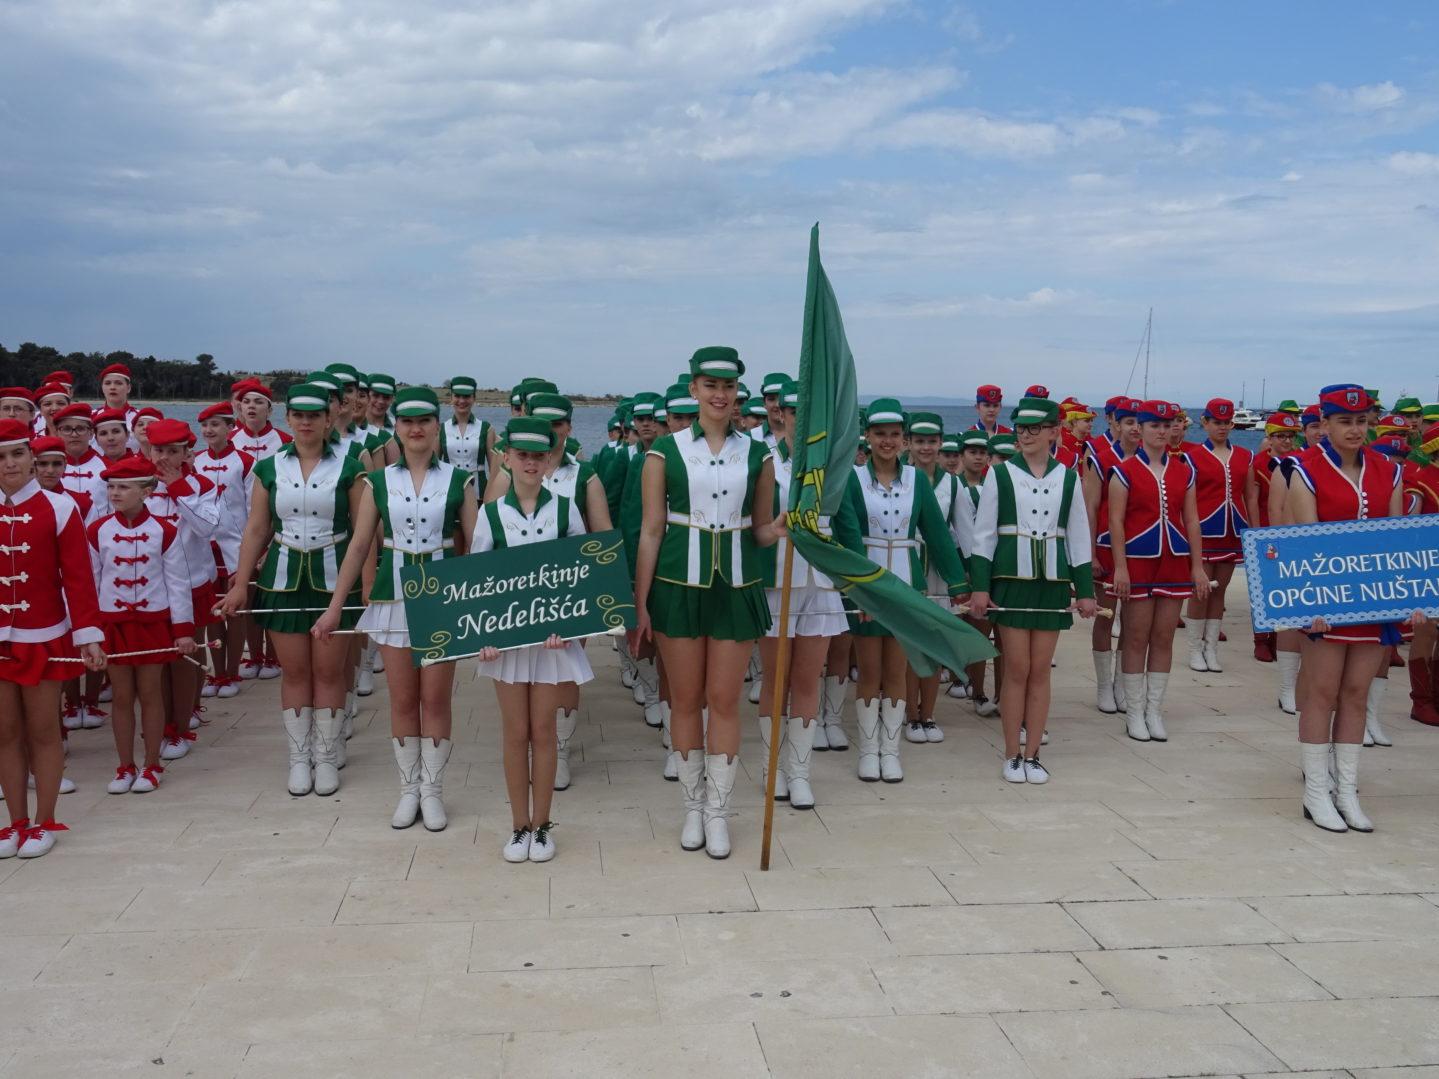 Mažoretkinje Nedelišća trostruke viceprvakinje Hrvatske